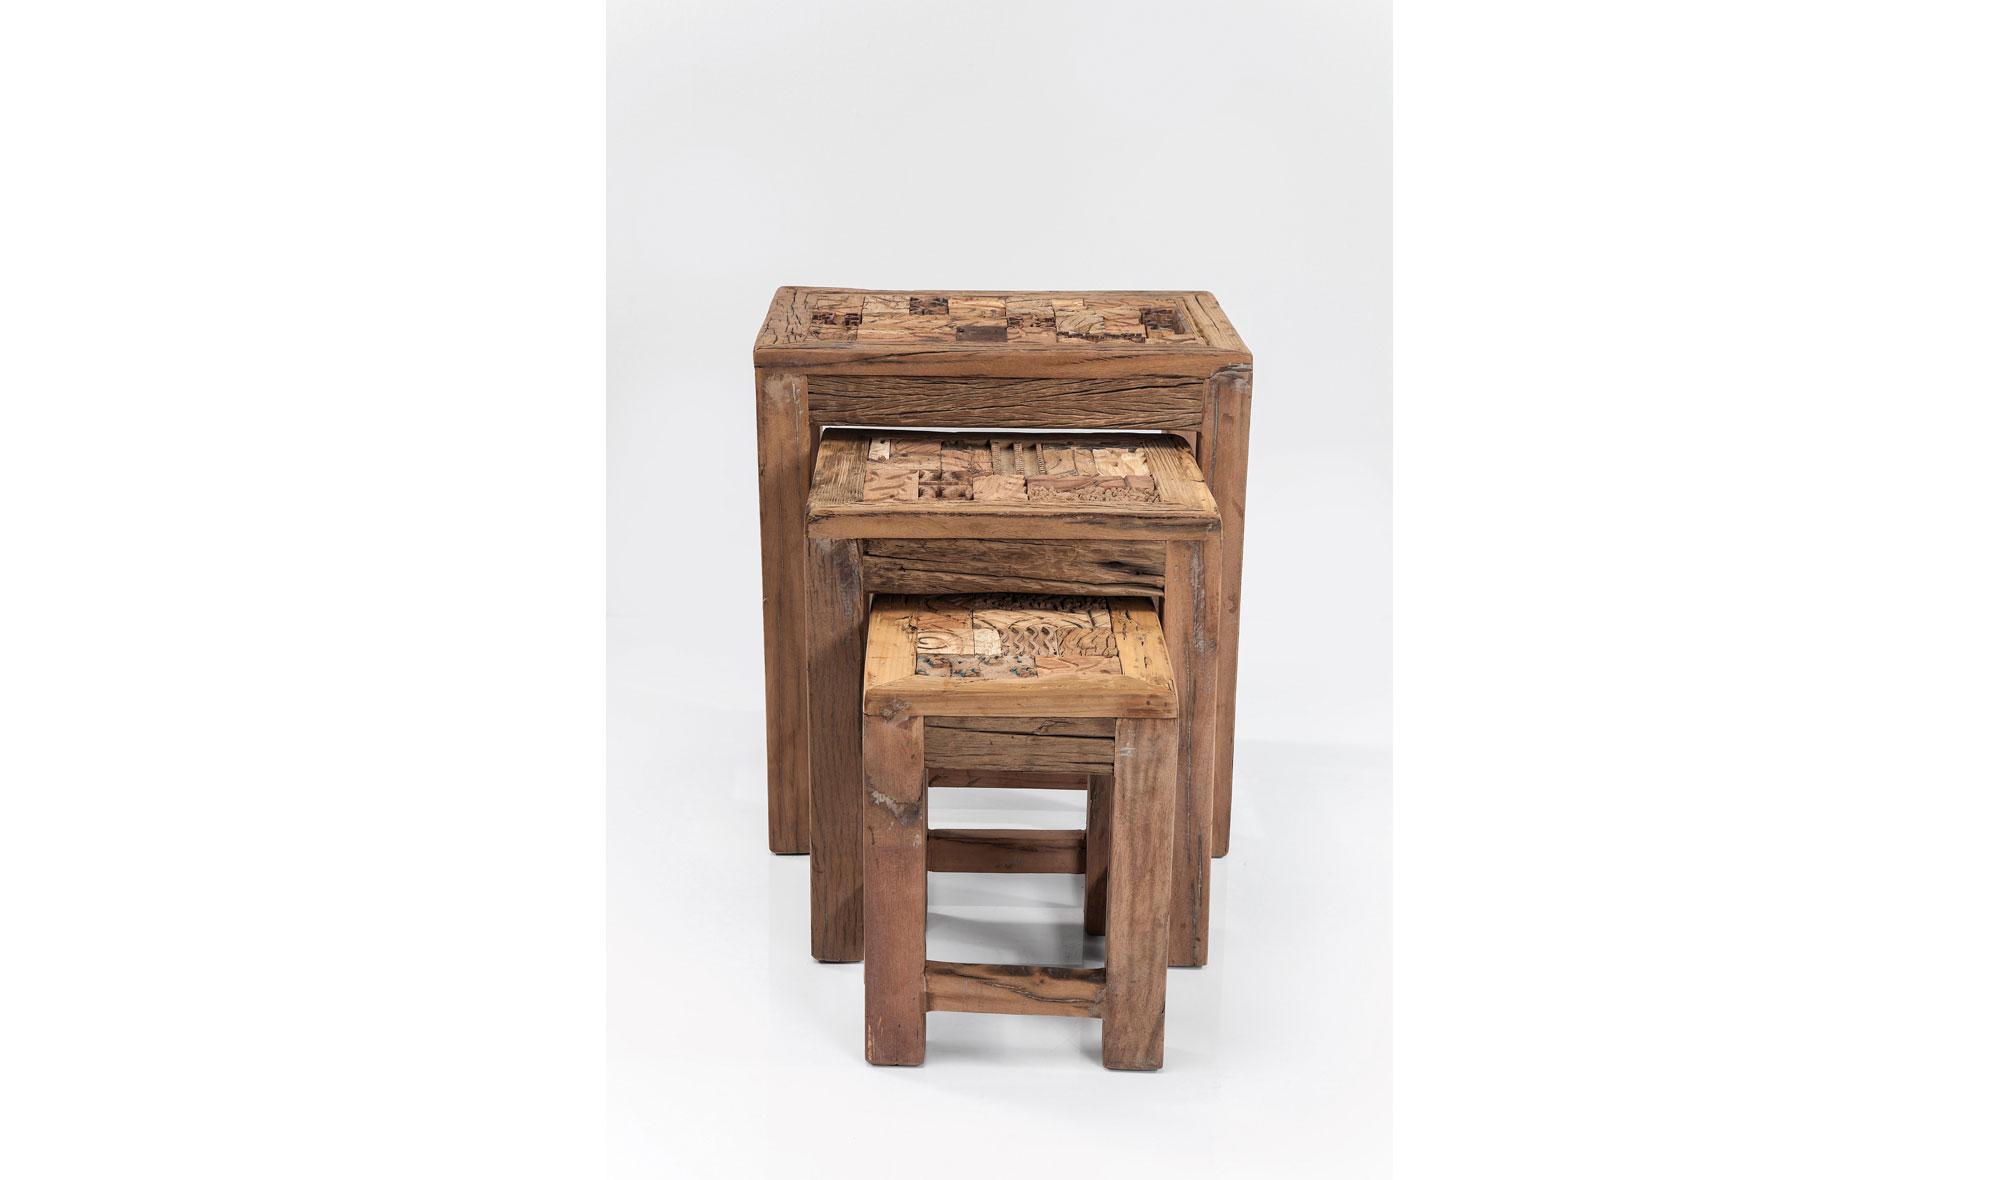 Muebles de madera tallada y piel natural de vaca (322)